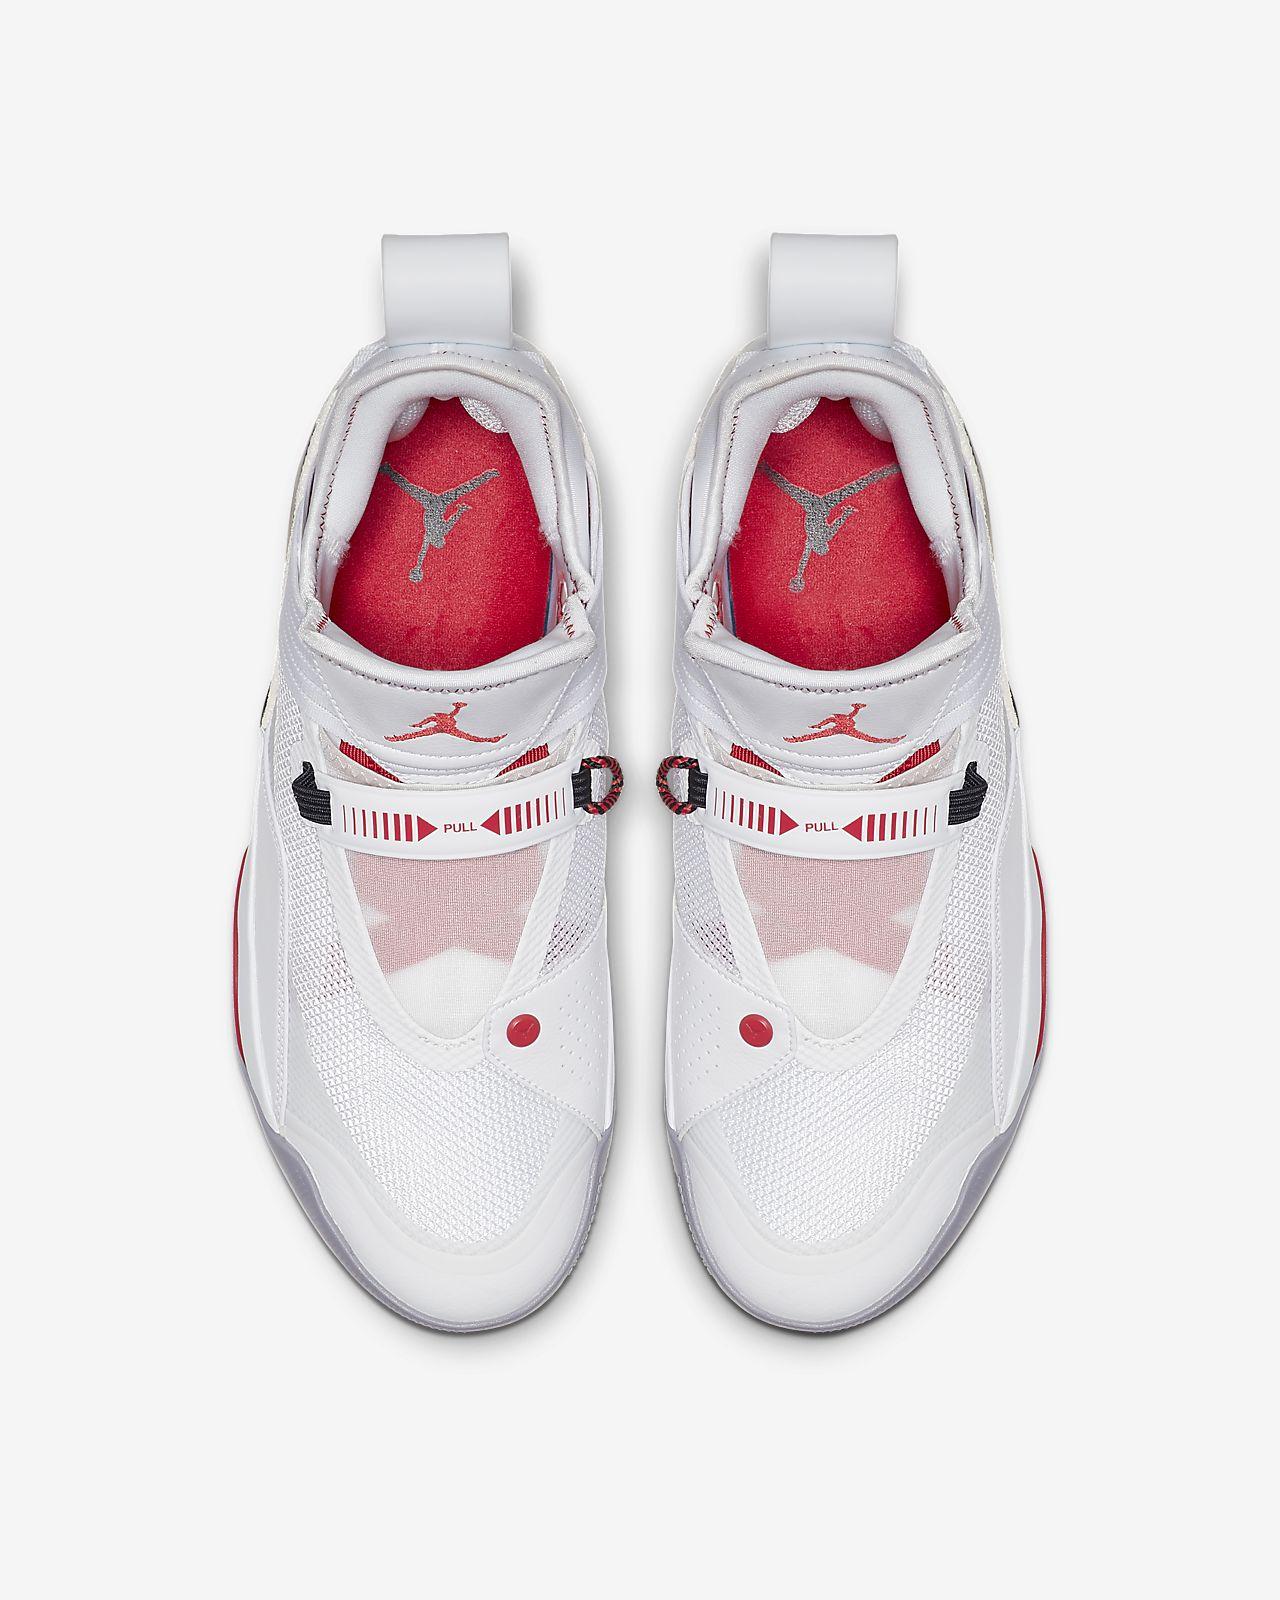 sports shoes 232a2 d4f8c Low Resolution Air Jordan XXXIII SE Basketball Shoe Air Jordan XXXIII SE  Basketball Shoe